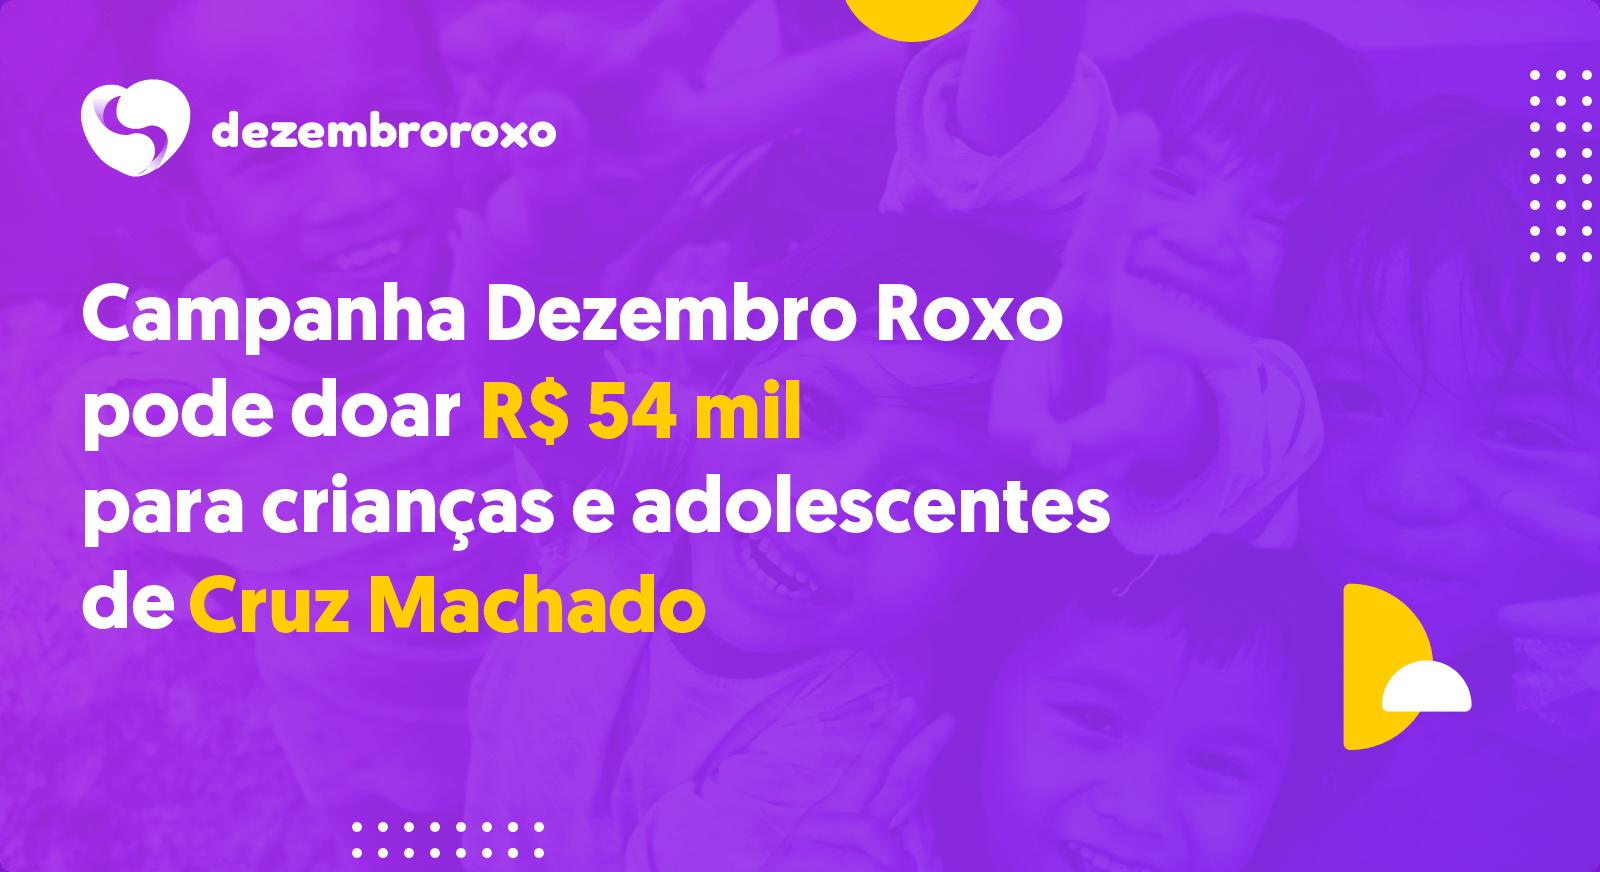 Doações em Cruz Machado - PR